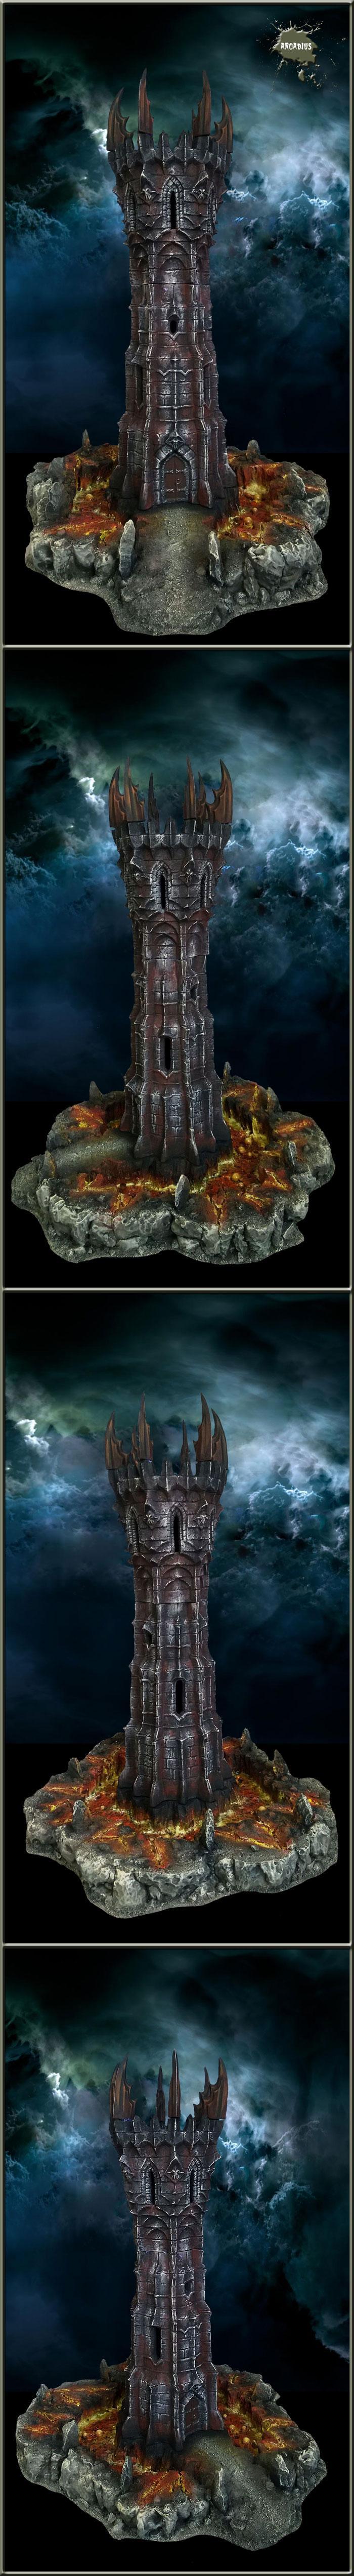 Terrain, Wargame, Warhammer Fantasy, Wizard Tower